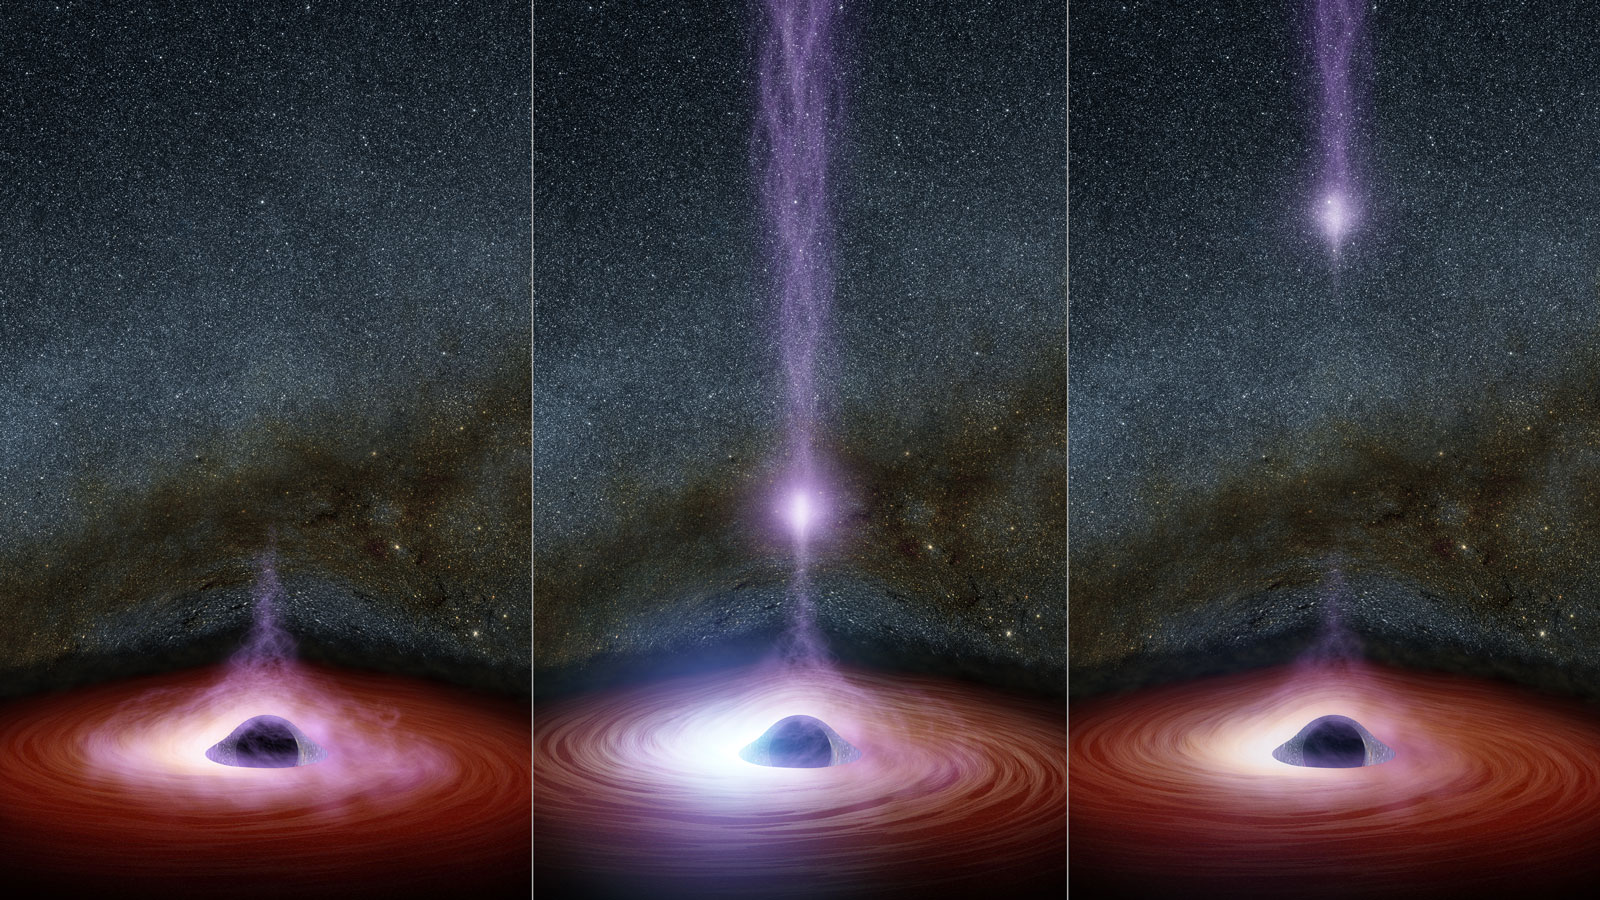 Астрофизики ищут «первичные» черны дыры